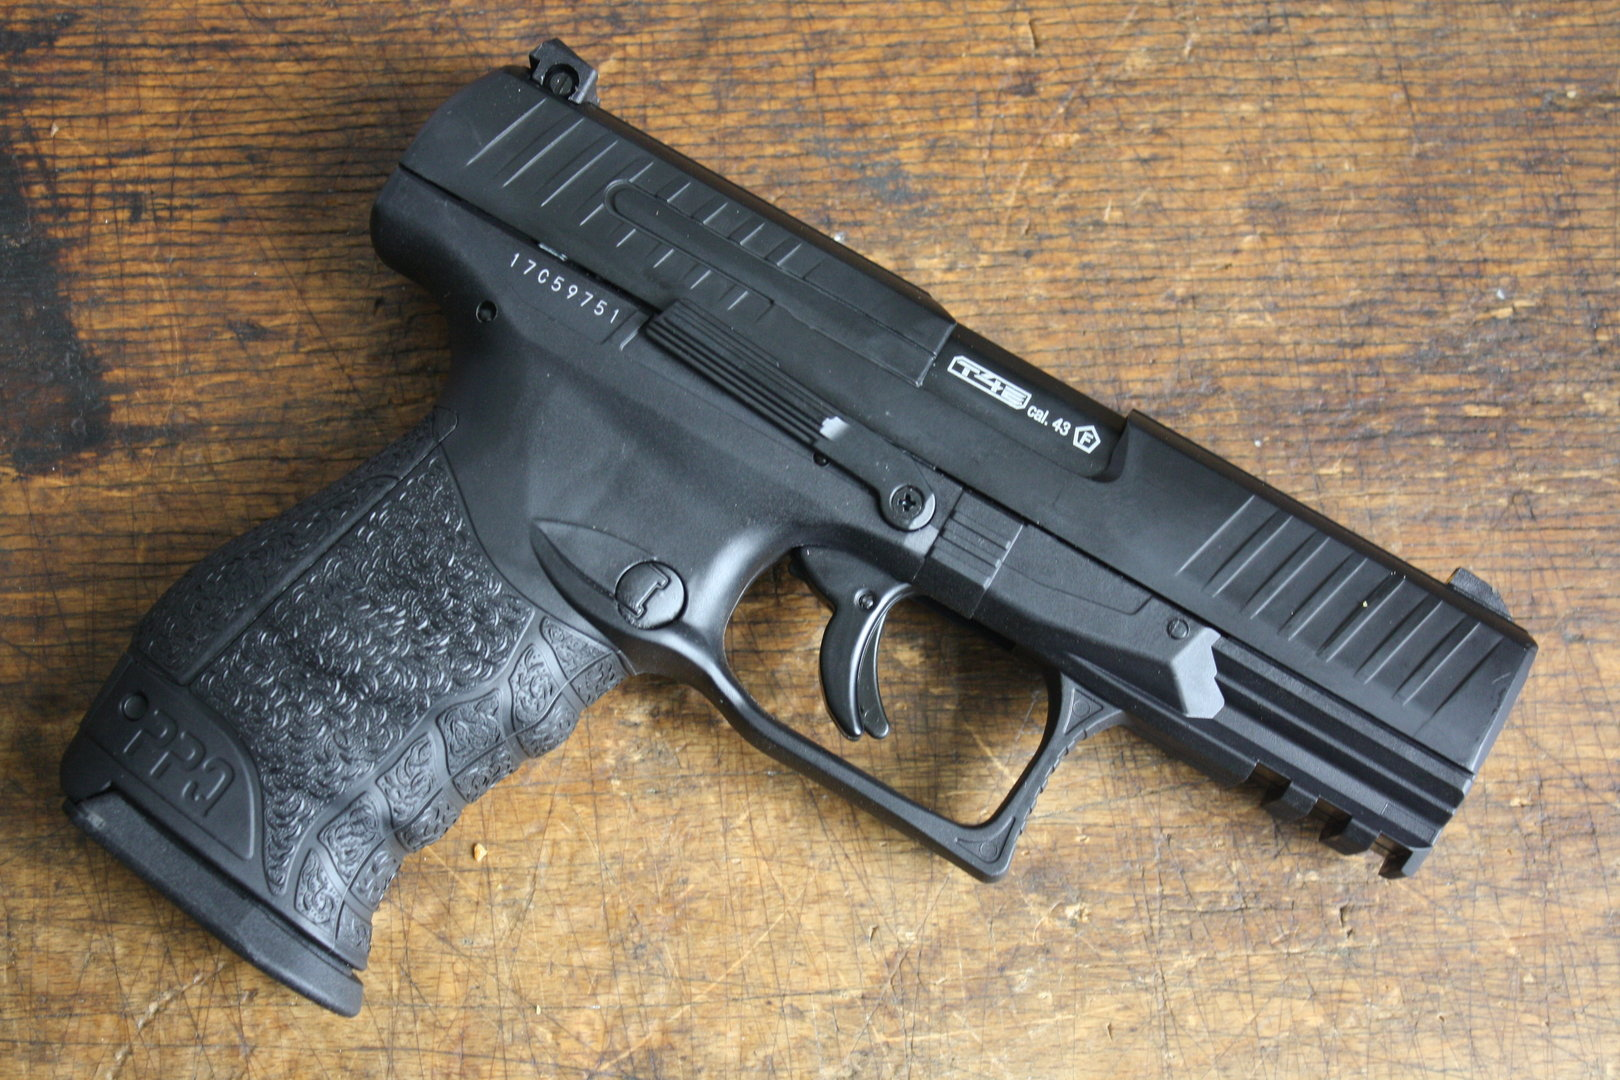 schusswaffen kaufen ohne waffenschein